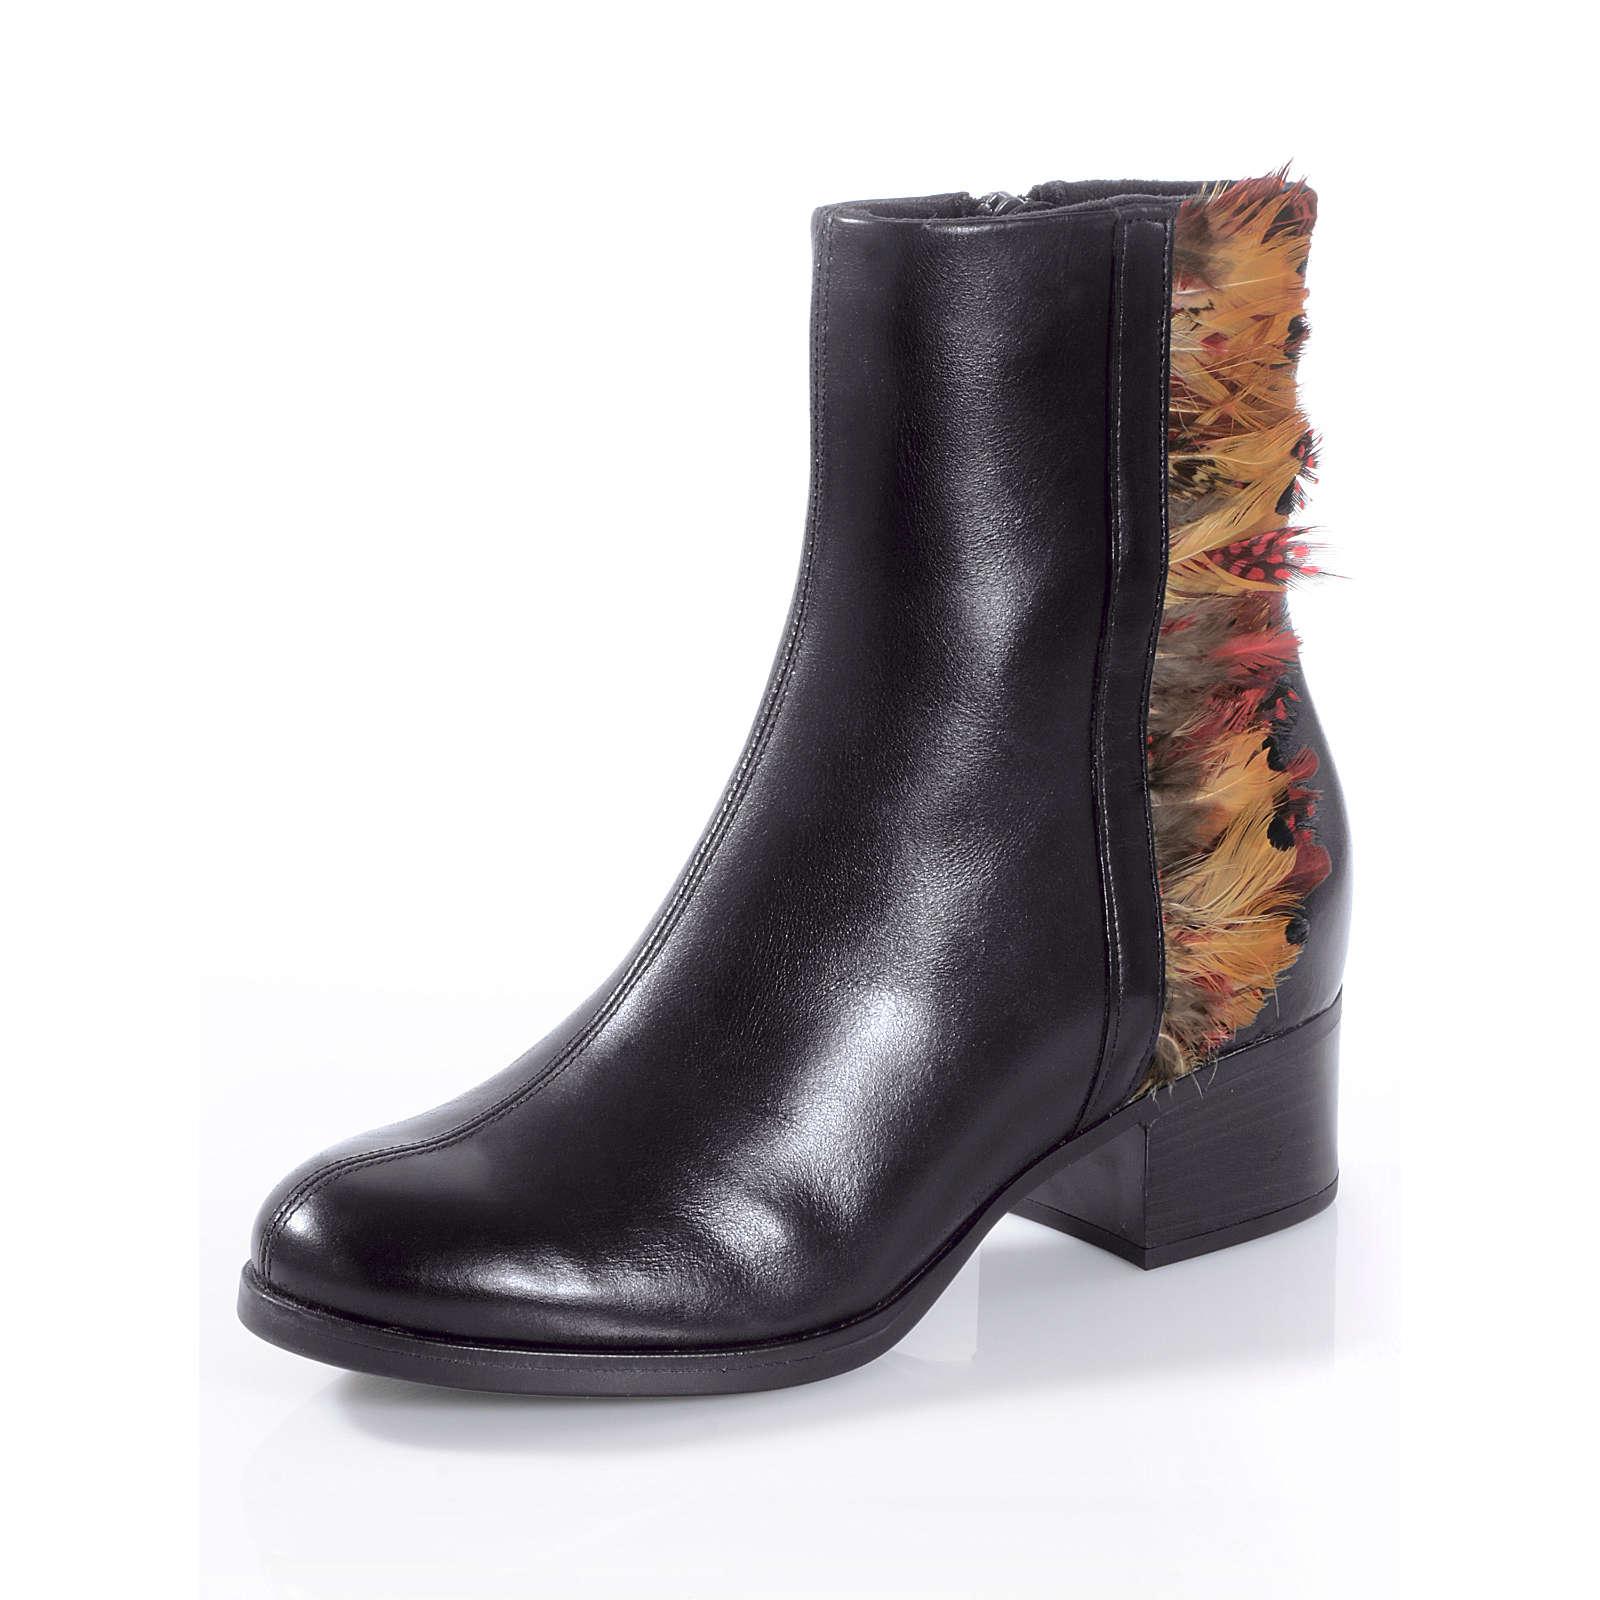 843263872b7f Rabatt-Preisvergleich.de - Schuhe   Modelle von A-Z   Stiefeletten